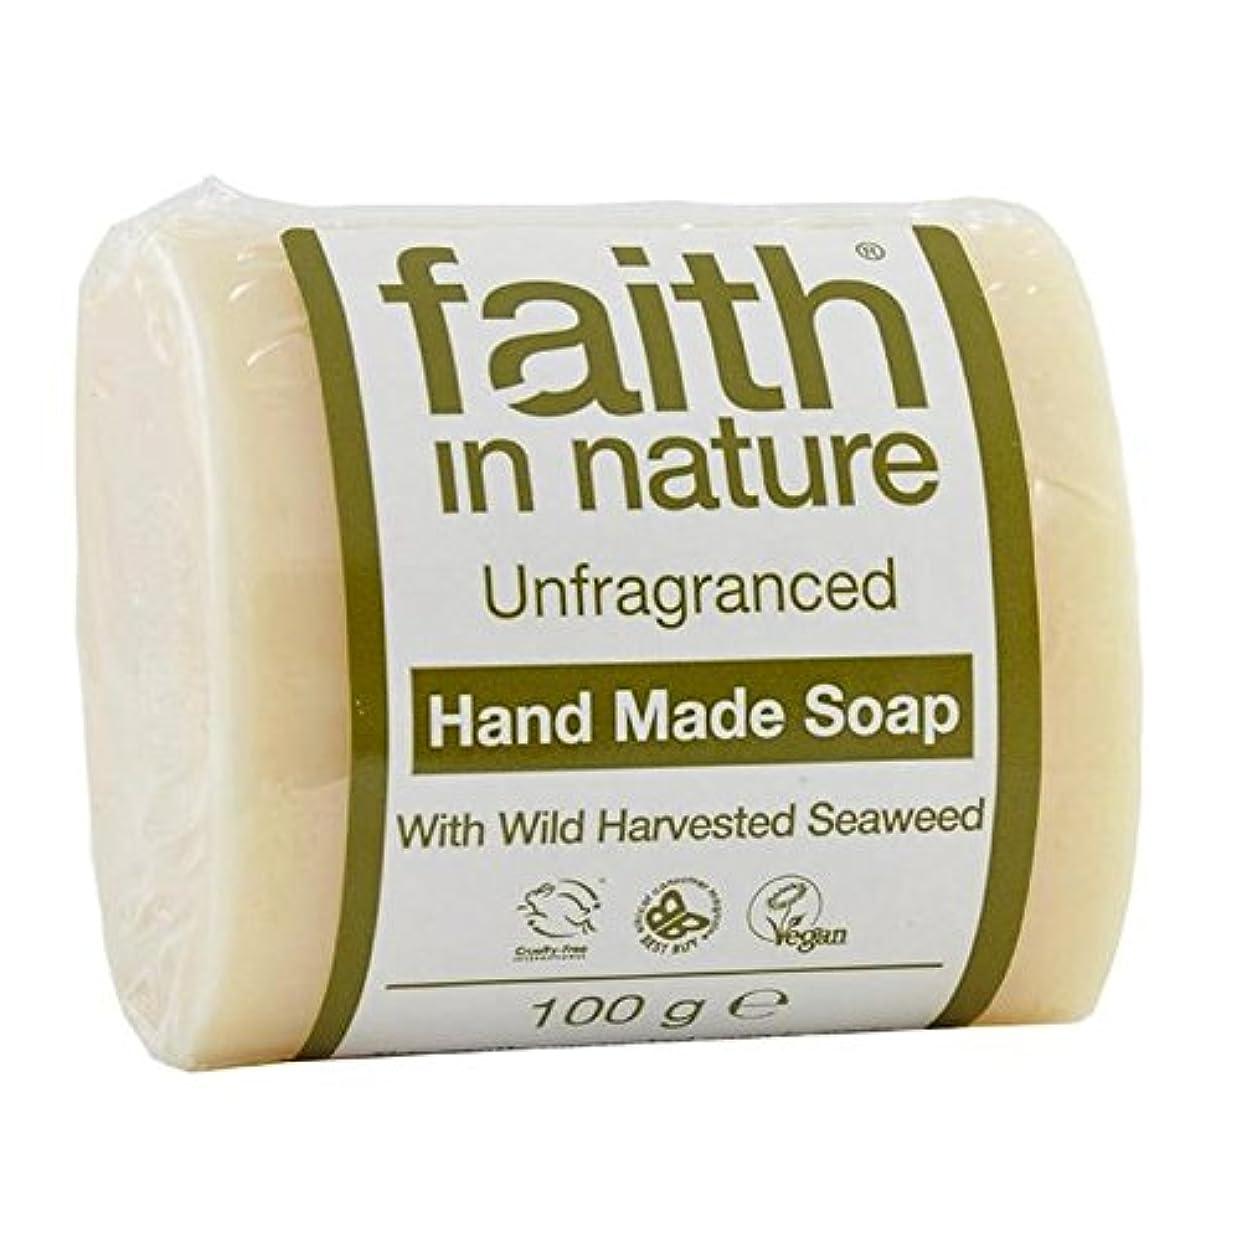 ピザ重要性オンスFaith in Nature Unfragranced Pure Hand Made Soap 100g (Pack of 6) - (Faith In Nature) 自然の中で信仰は純粋な手作り石鹸100グラムを無香料...